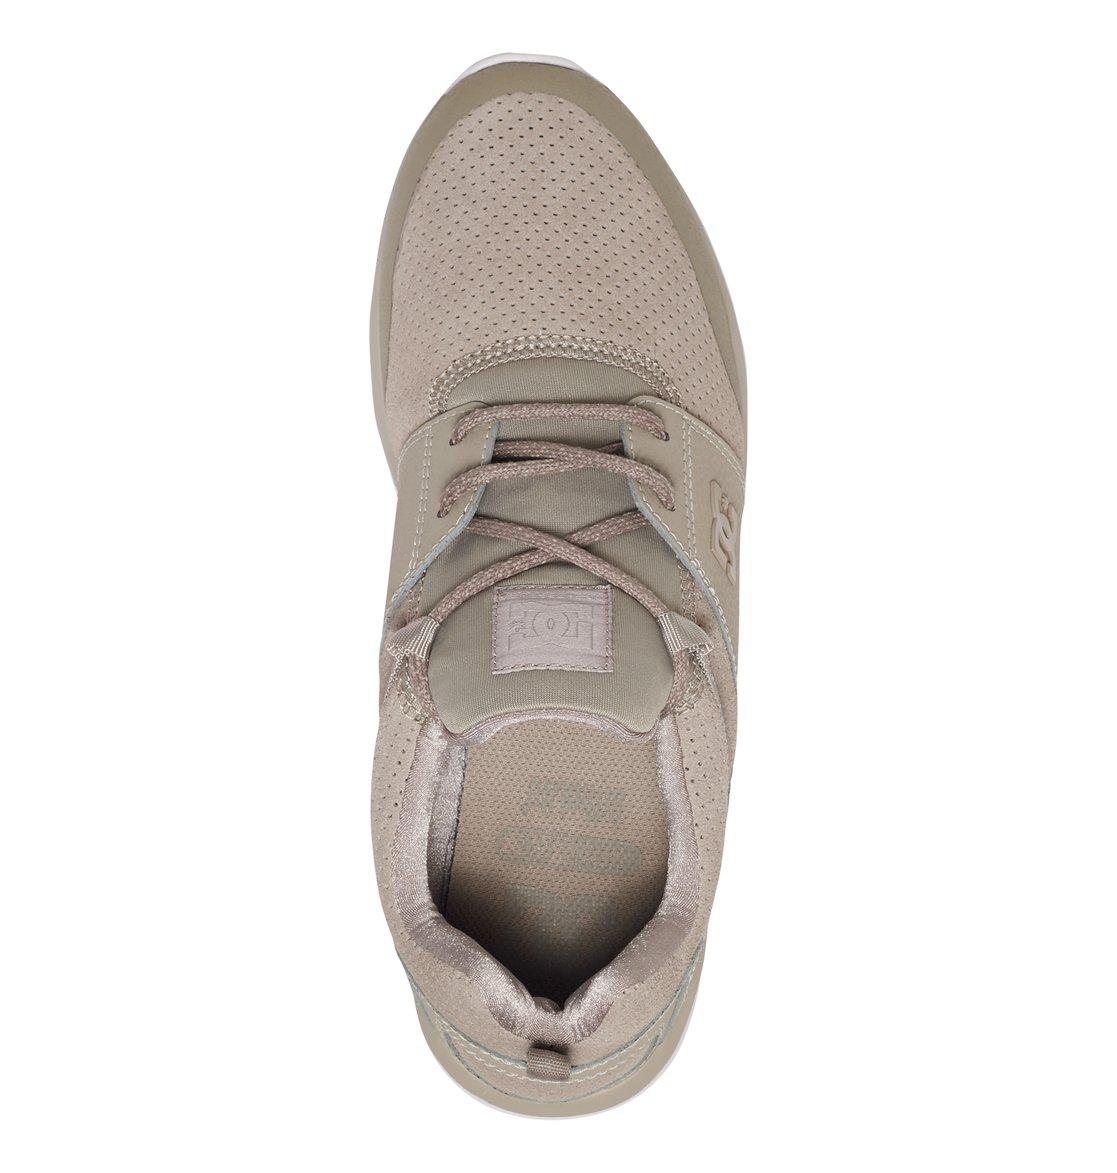 DC Shoes™ Heathrow Prestige - Shoes ADYS700084  bc8d267dcfeb1